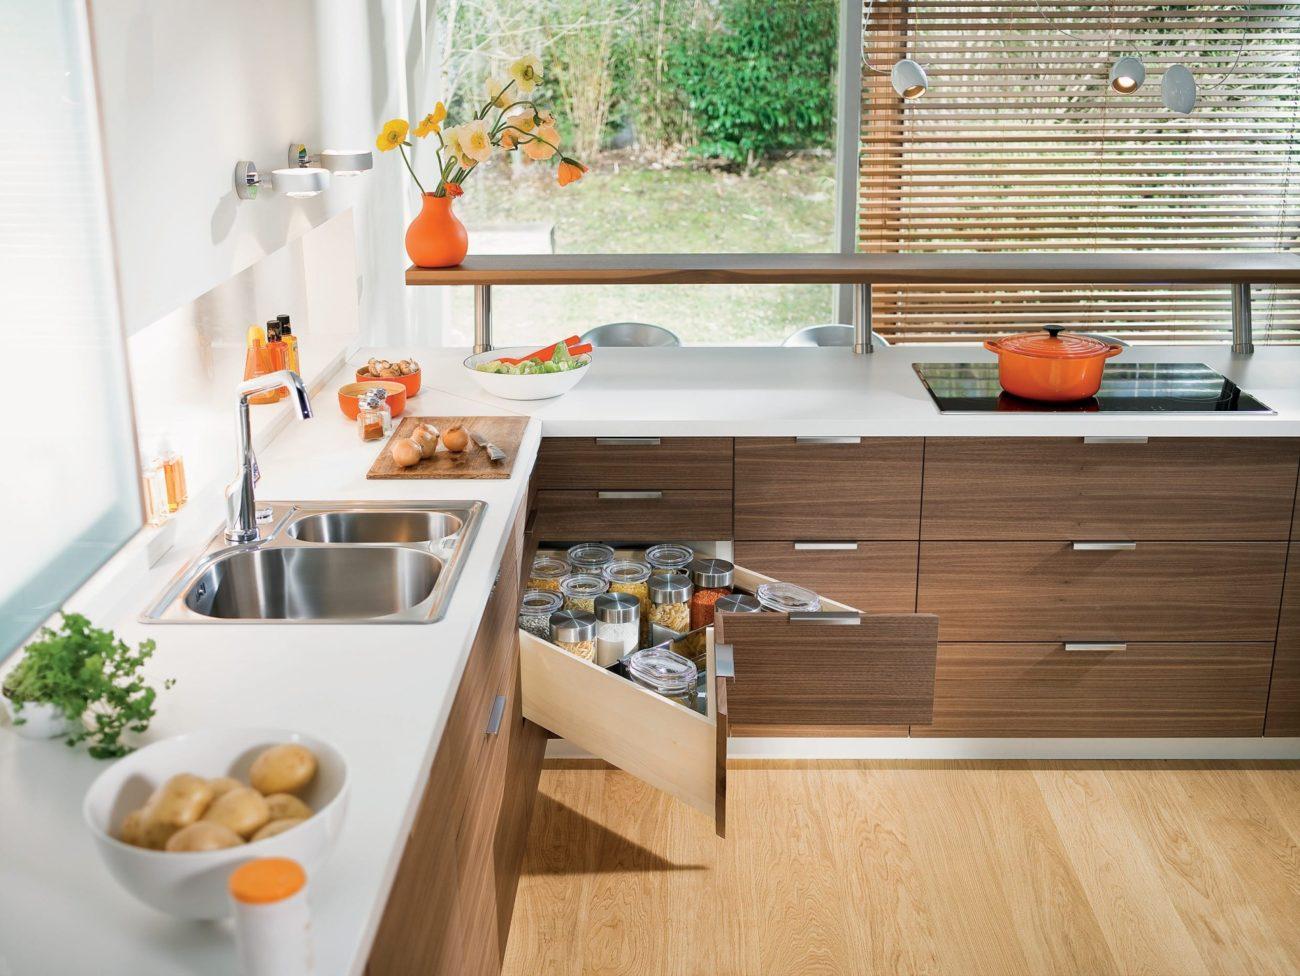 Full Size of Küchenkarussell Eckschrank In Der Kche Lsungen Halbschrank Wohnzimmer Küchenkarussell